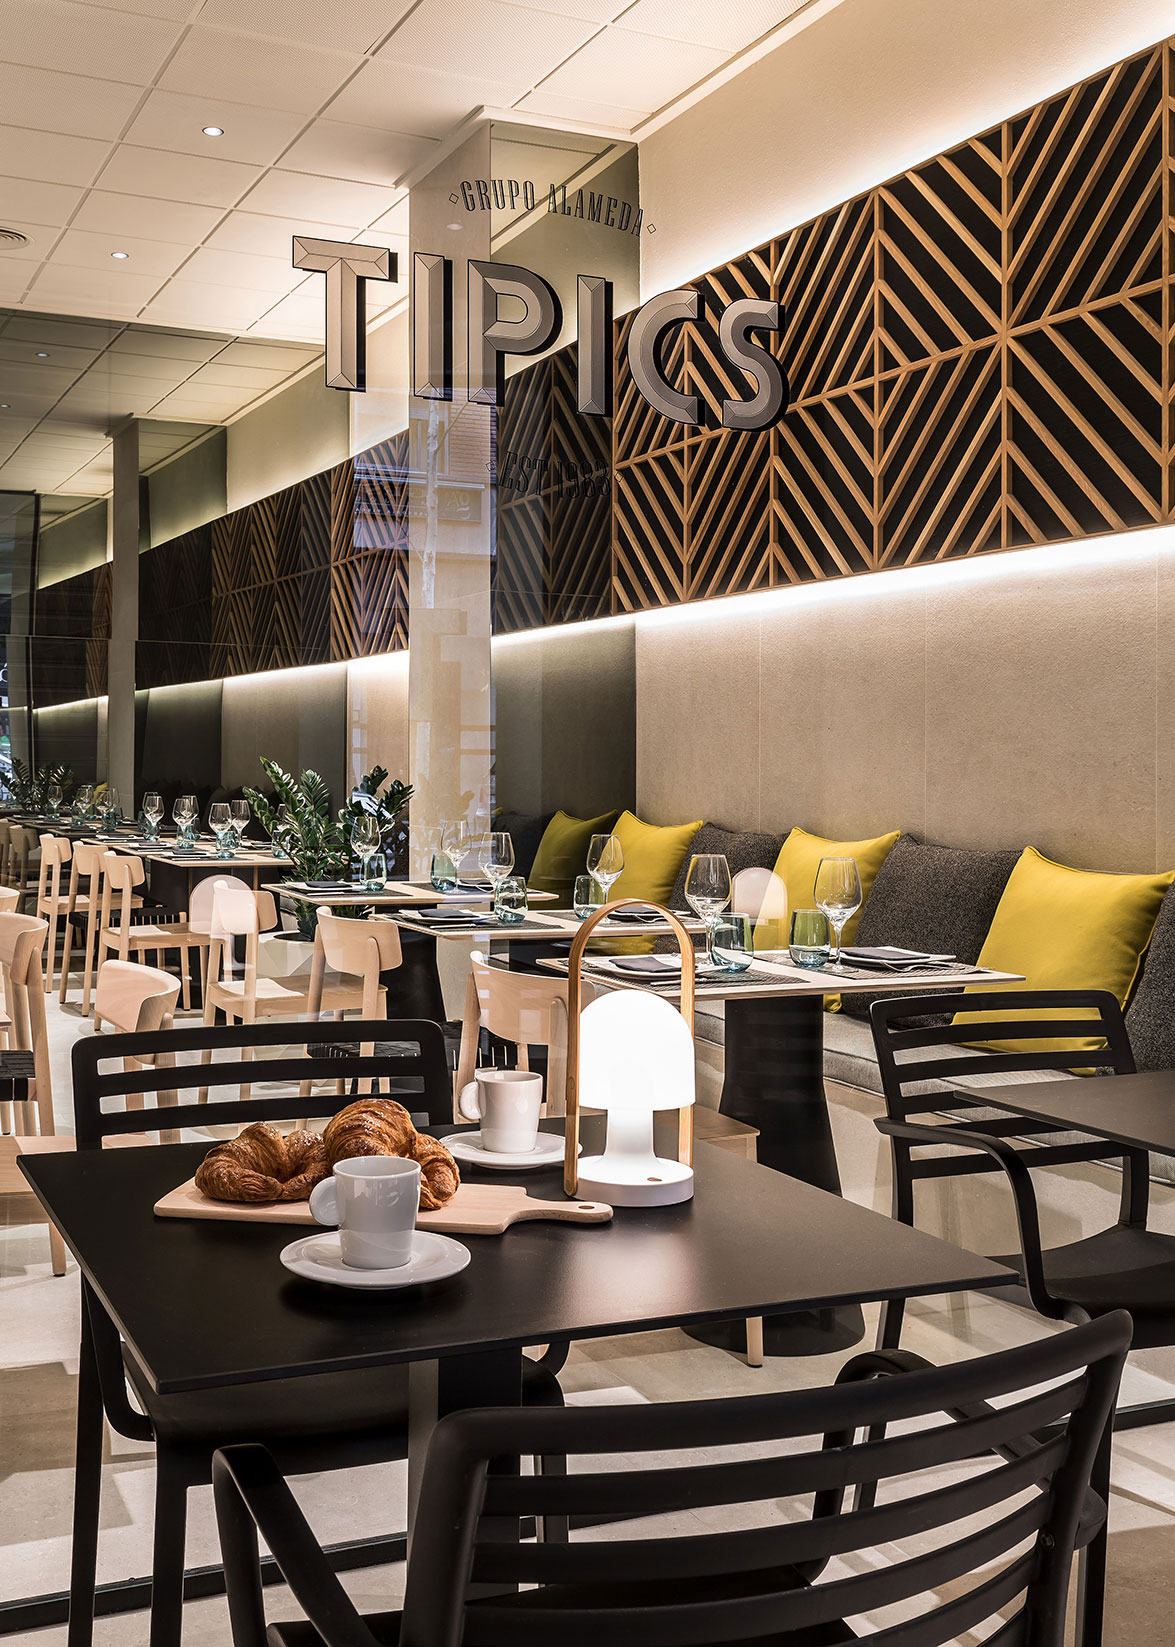 05 tipics restaurante cafeteria xativa grupo alameda